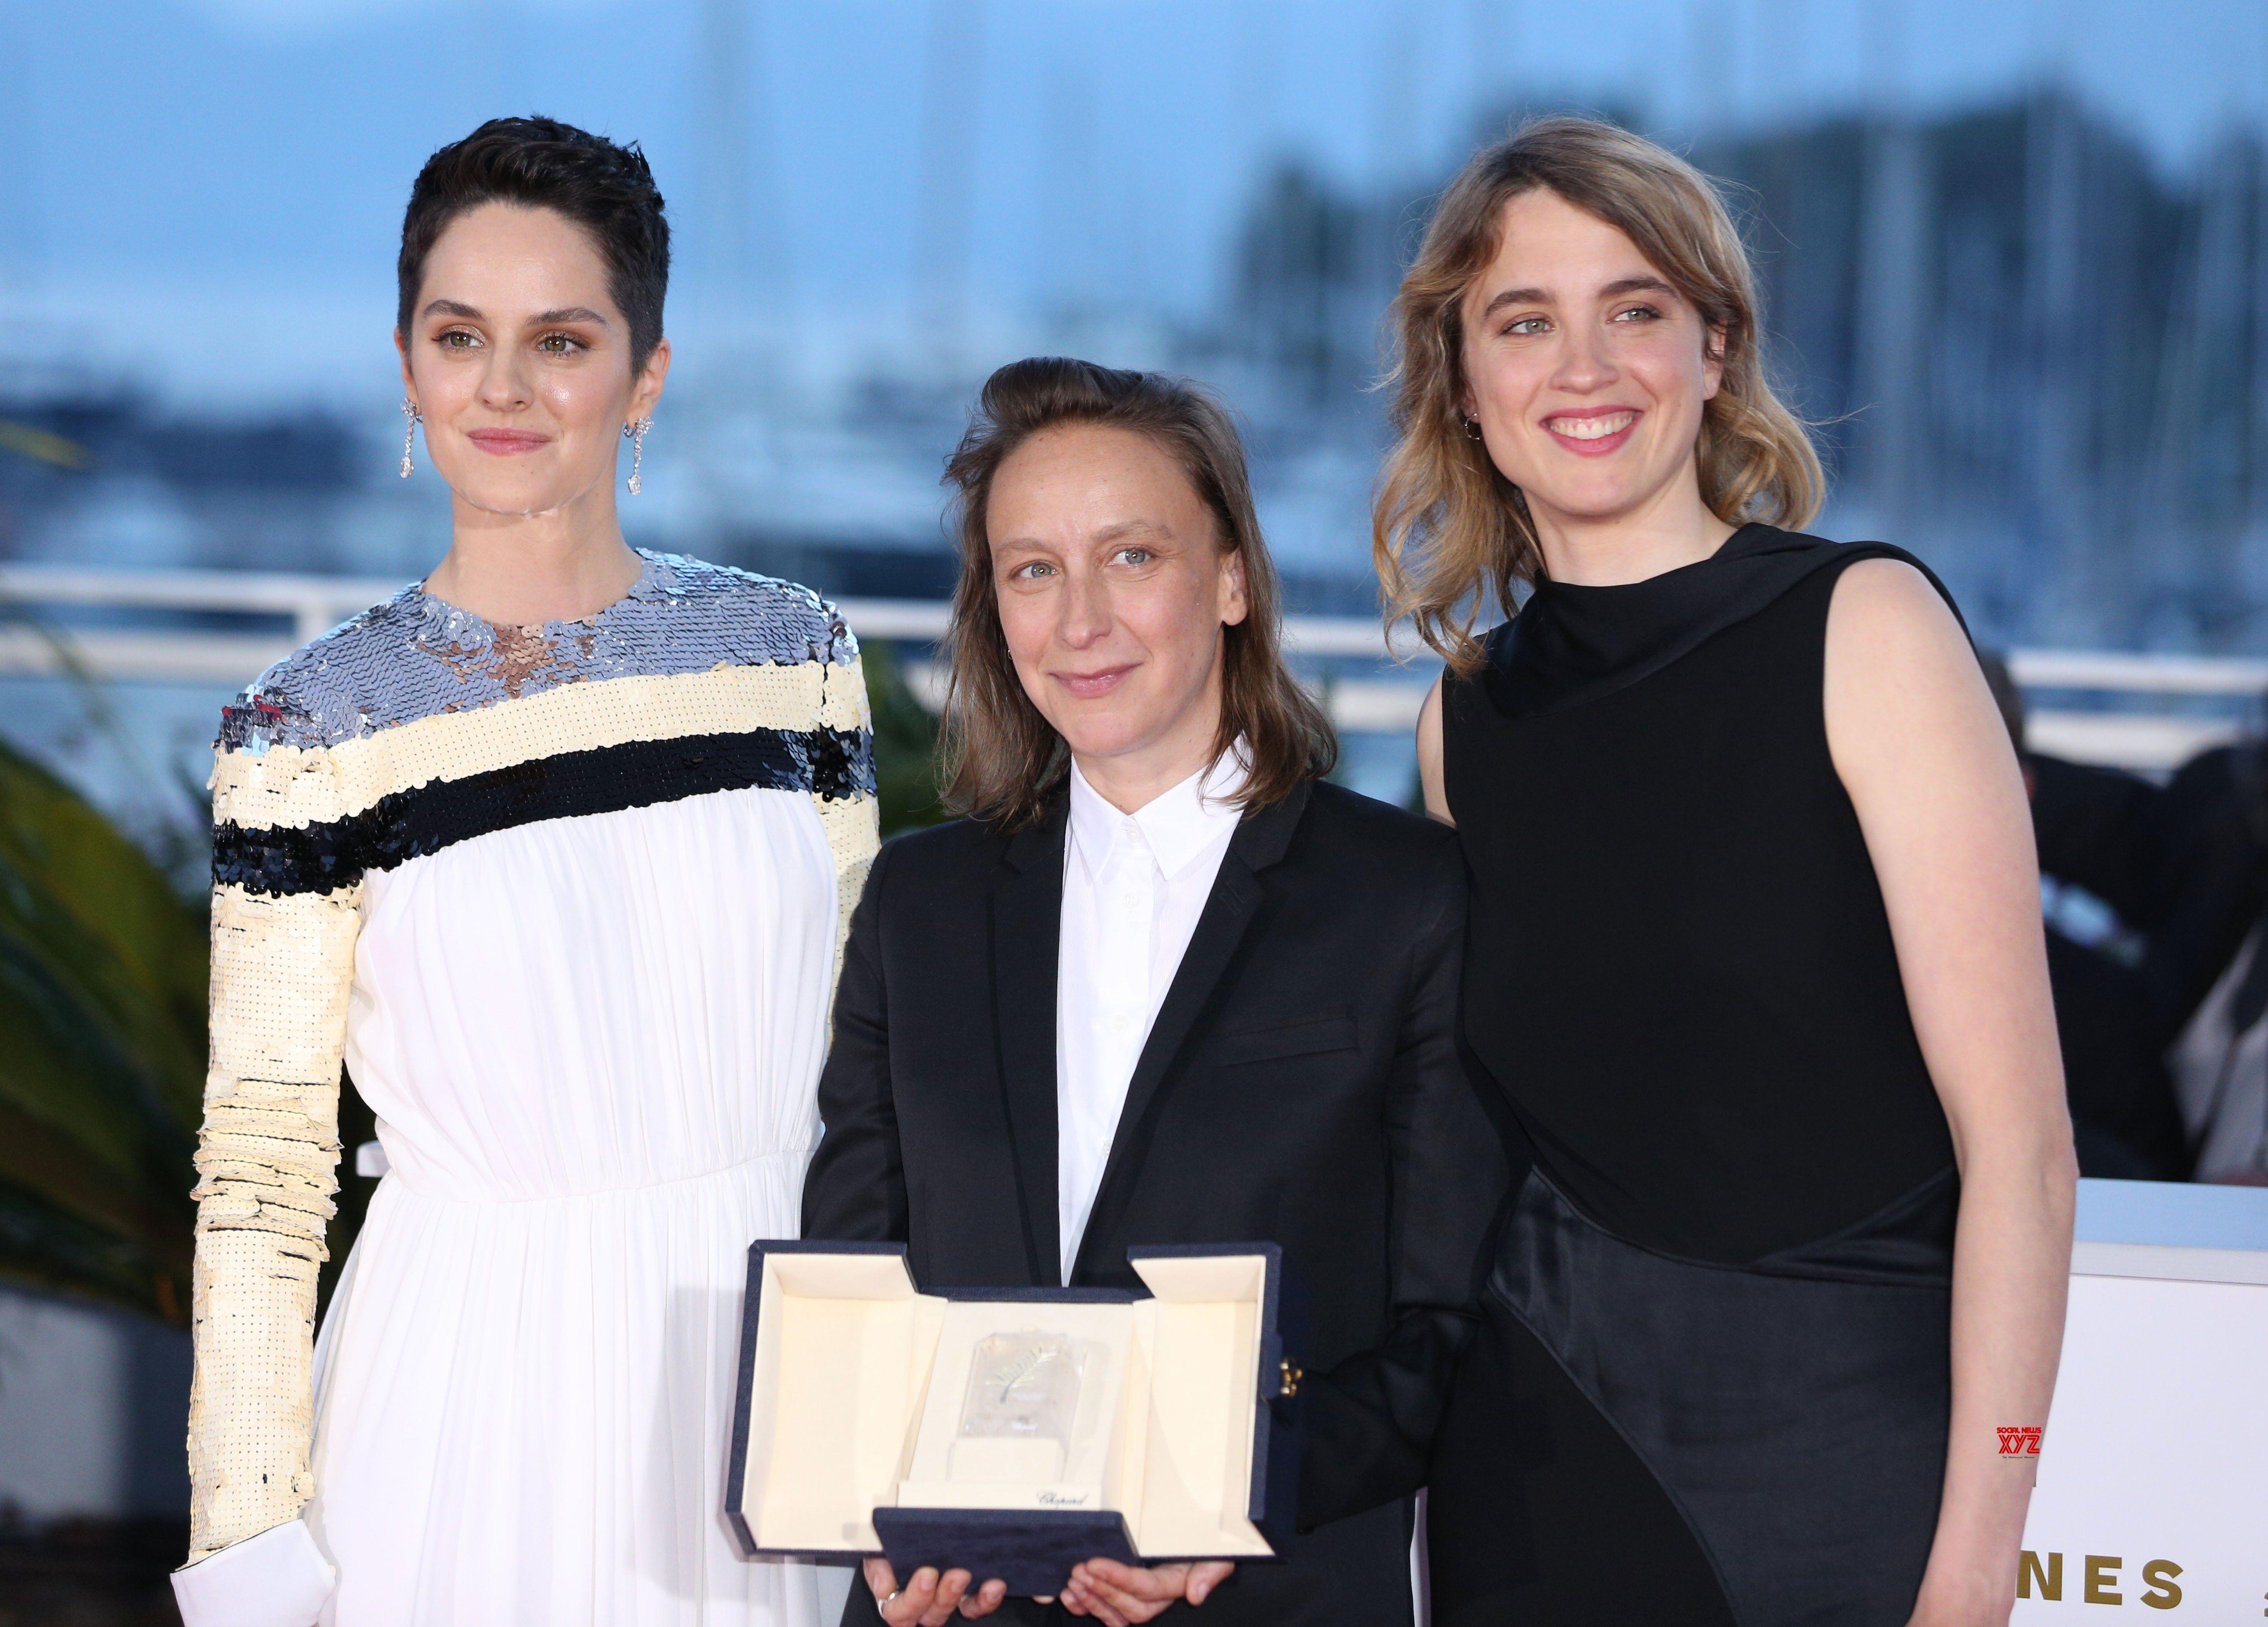 Noémie Merlant Céline Sciamma e Adèle Haenel